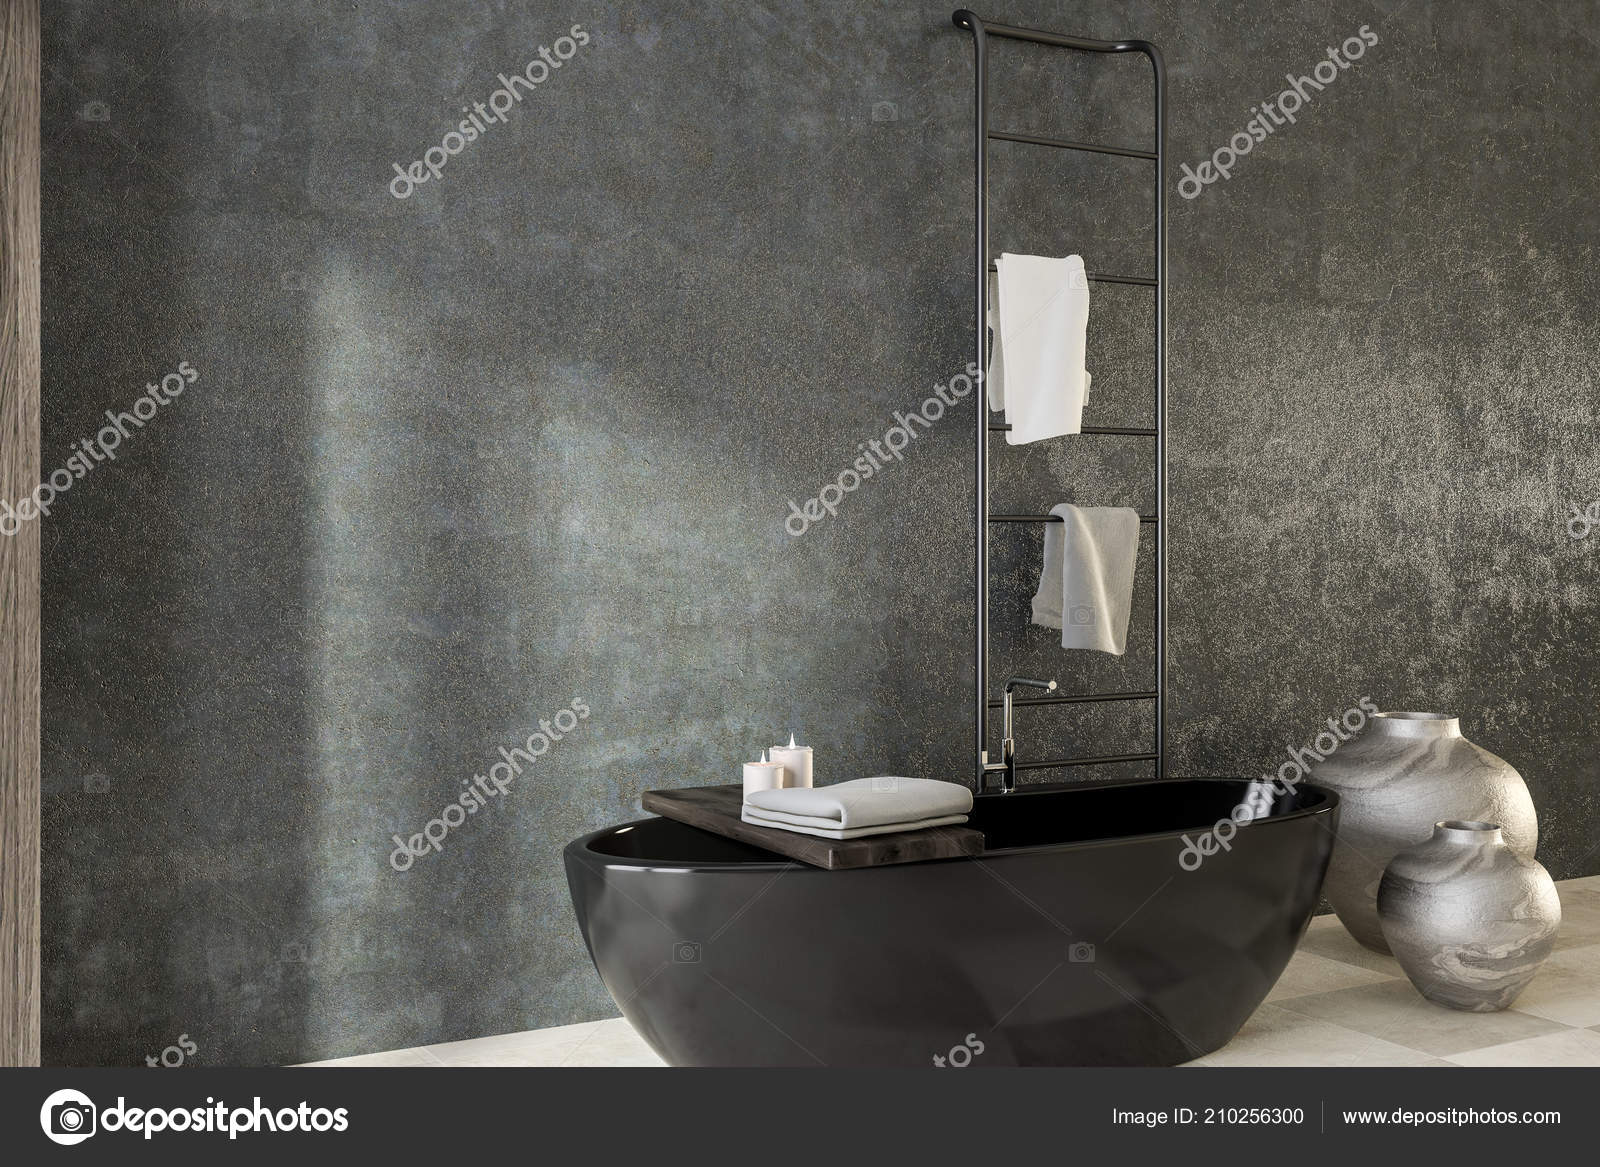 Portasciugamani Bagno Muro : Interiore stanza bagno muro cemento con pavimento piastrelle vasca